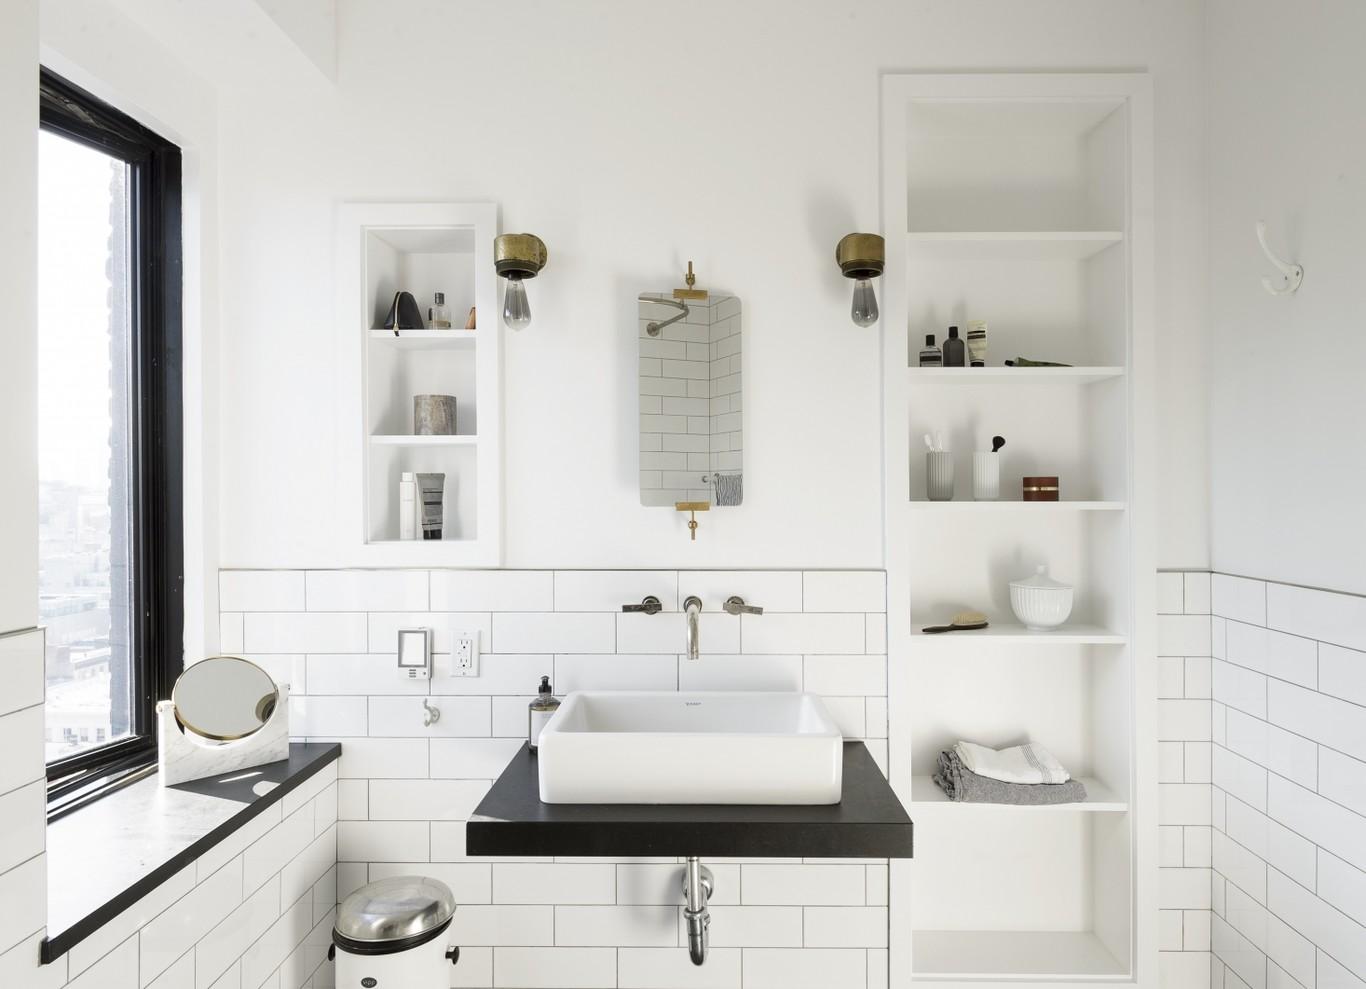 914b8b492596 Lavabos sobre encimeras en los baños, ventajas e inconvenientes y once  propuestas para tu hogar